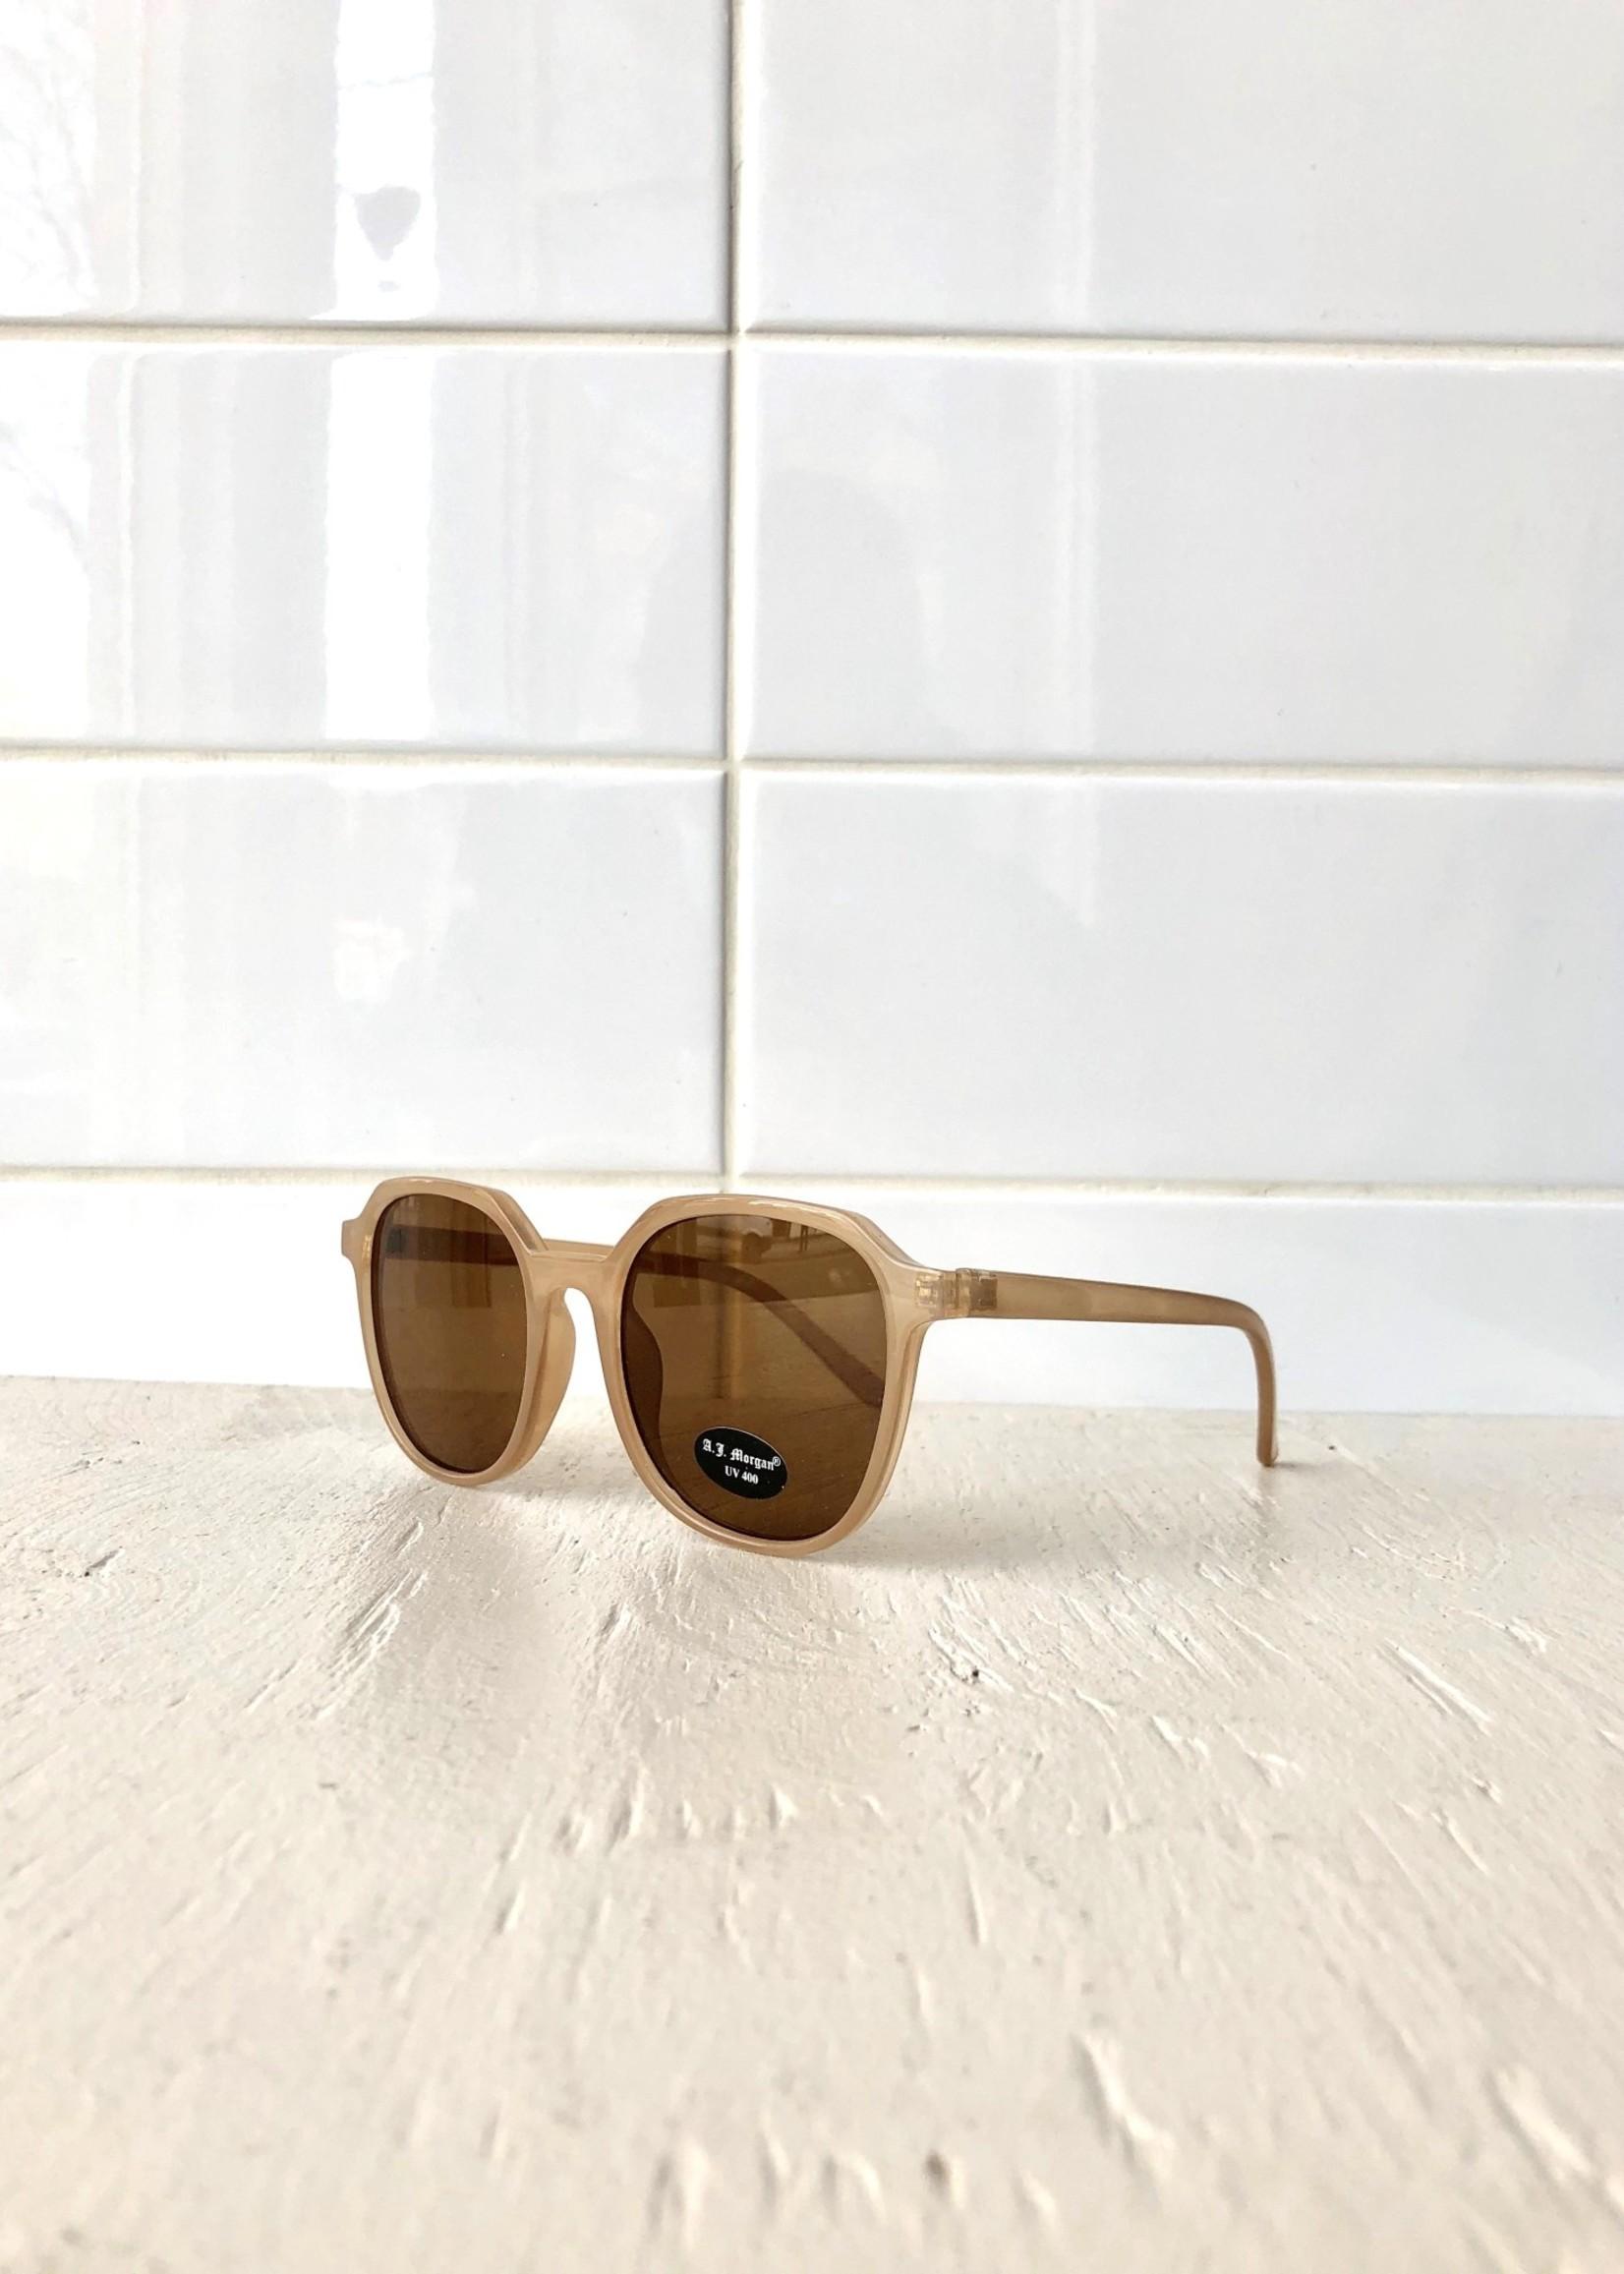 A. J. Morgan Classmate Sunglasses